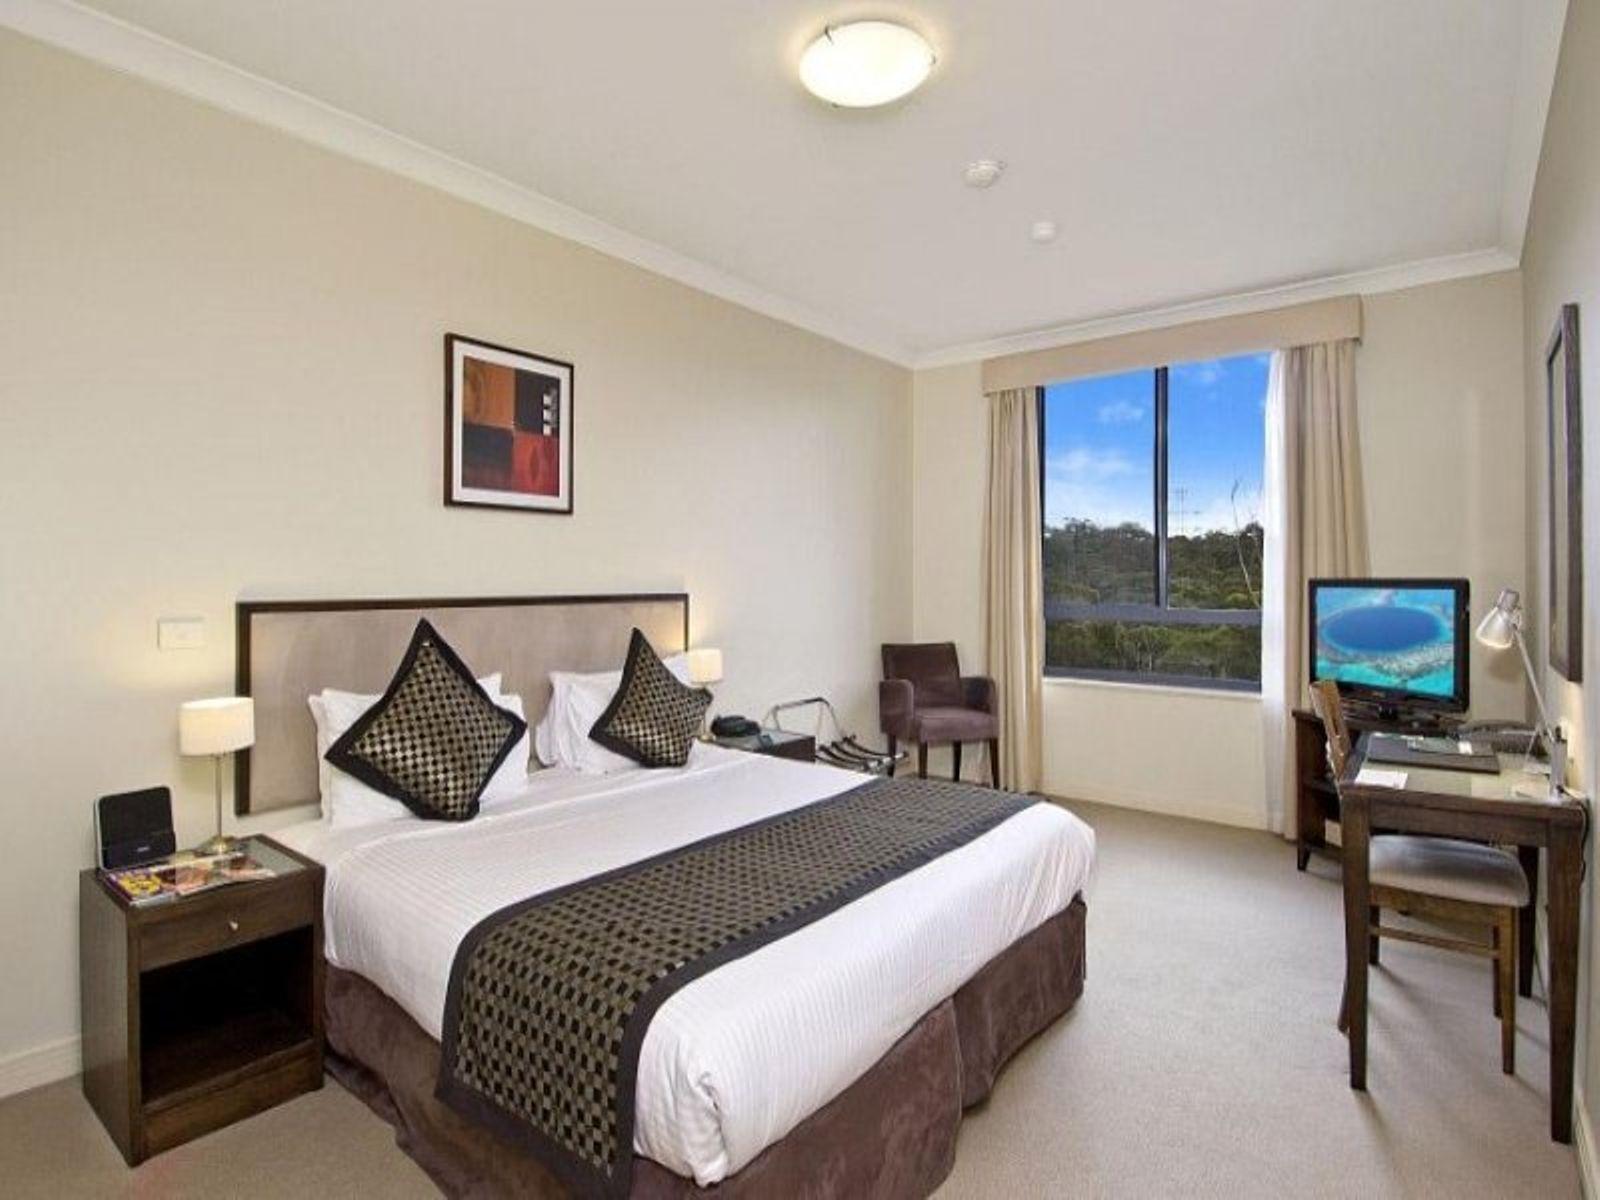 208/58-62 Delhi Road, North Ryde, NSW 2113